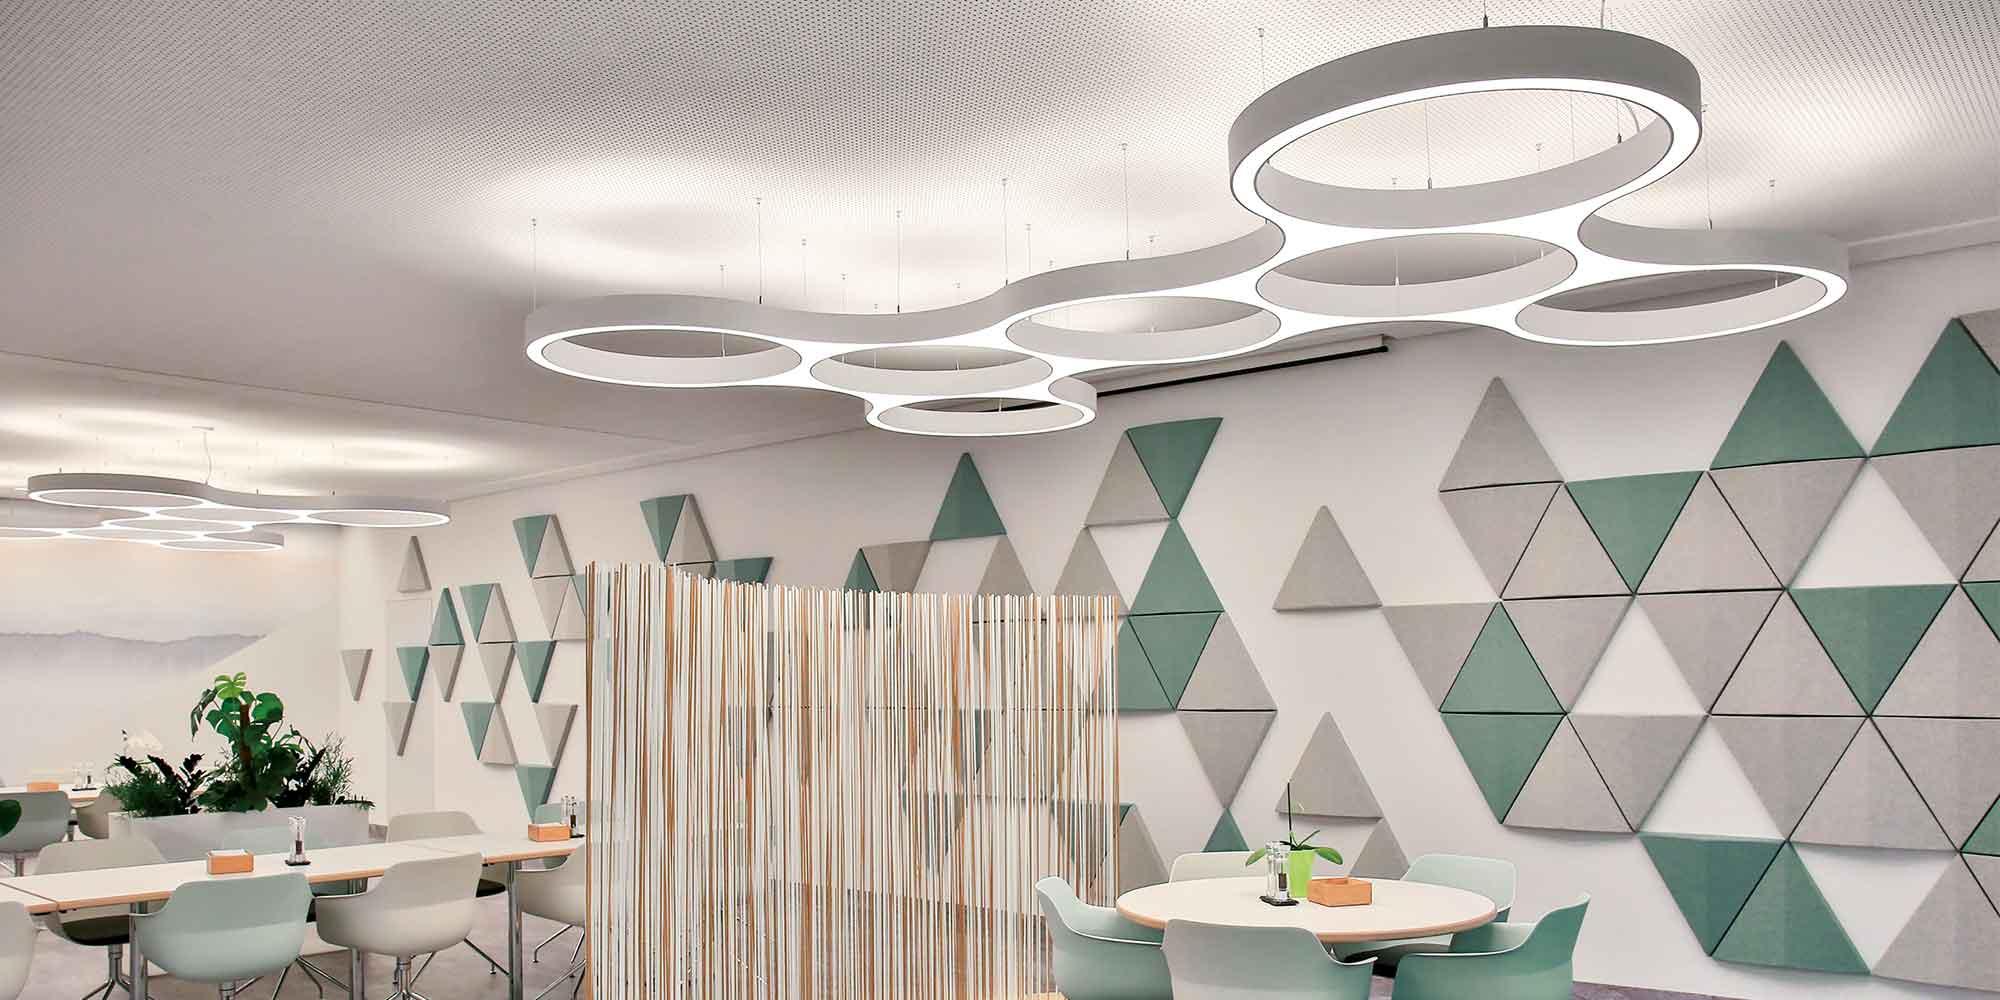 Ringostar Cluster von Lightnet, architektonisches Licht passt in jede Lichplanung